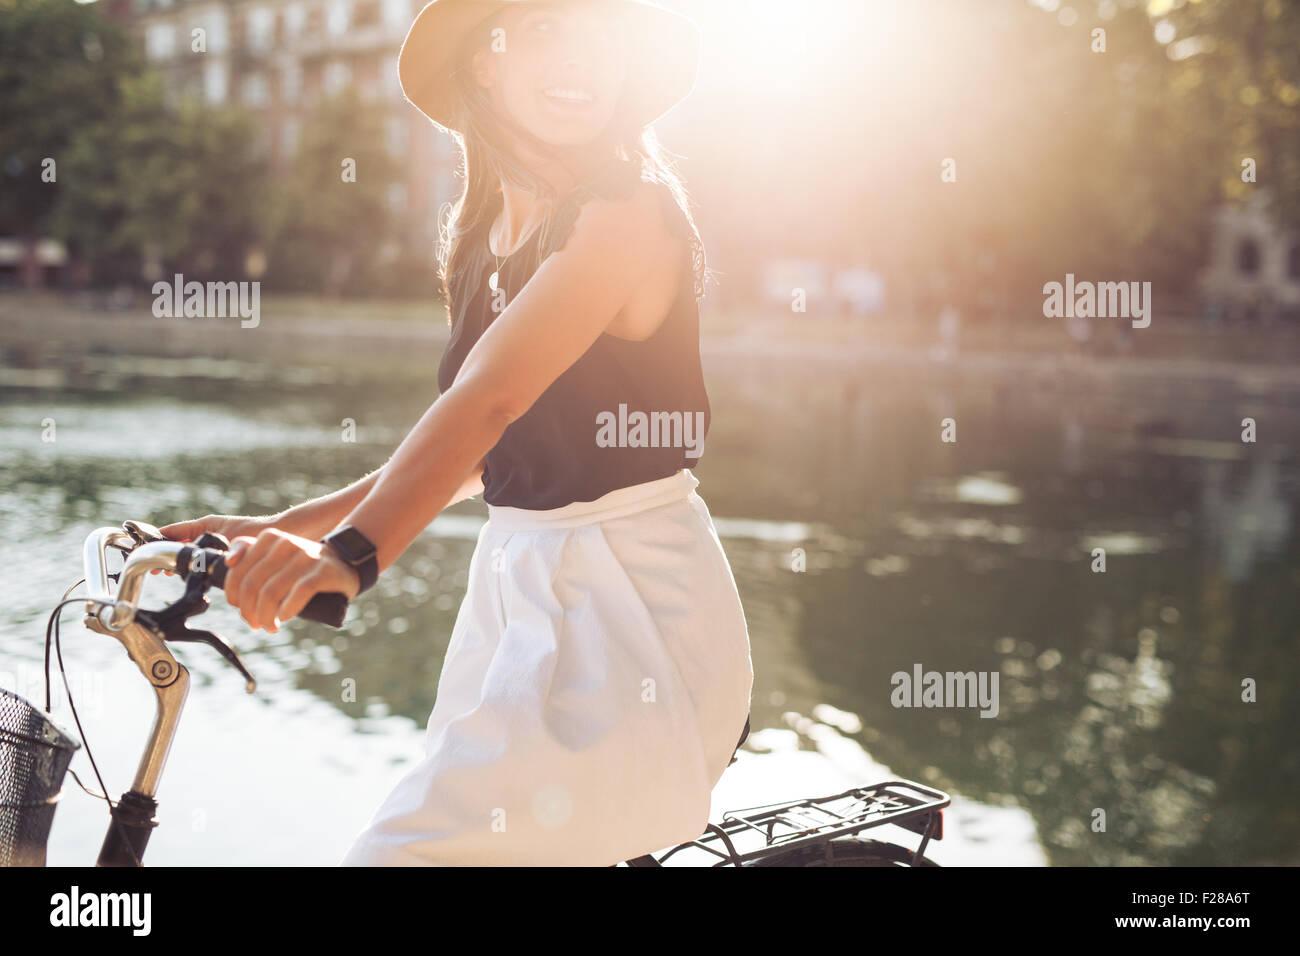 Porträt von hübschen jungen Frauen reiten auf ihr Fahrrad suchen Sie lächelnd, mit Sonne Flare. Frau Stockbild